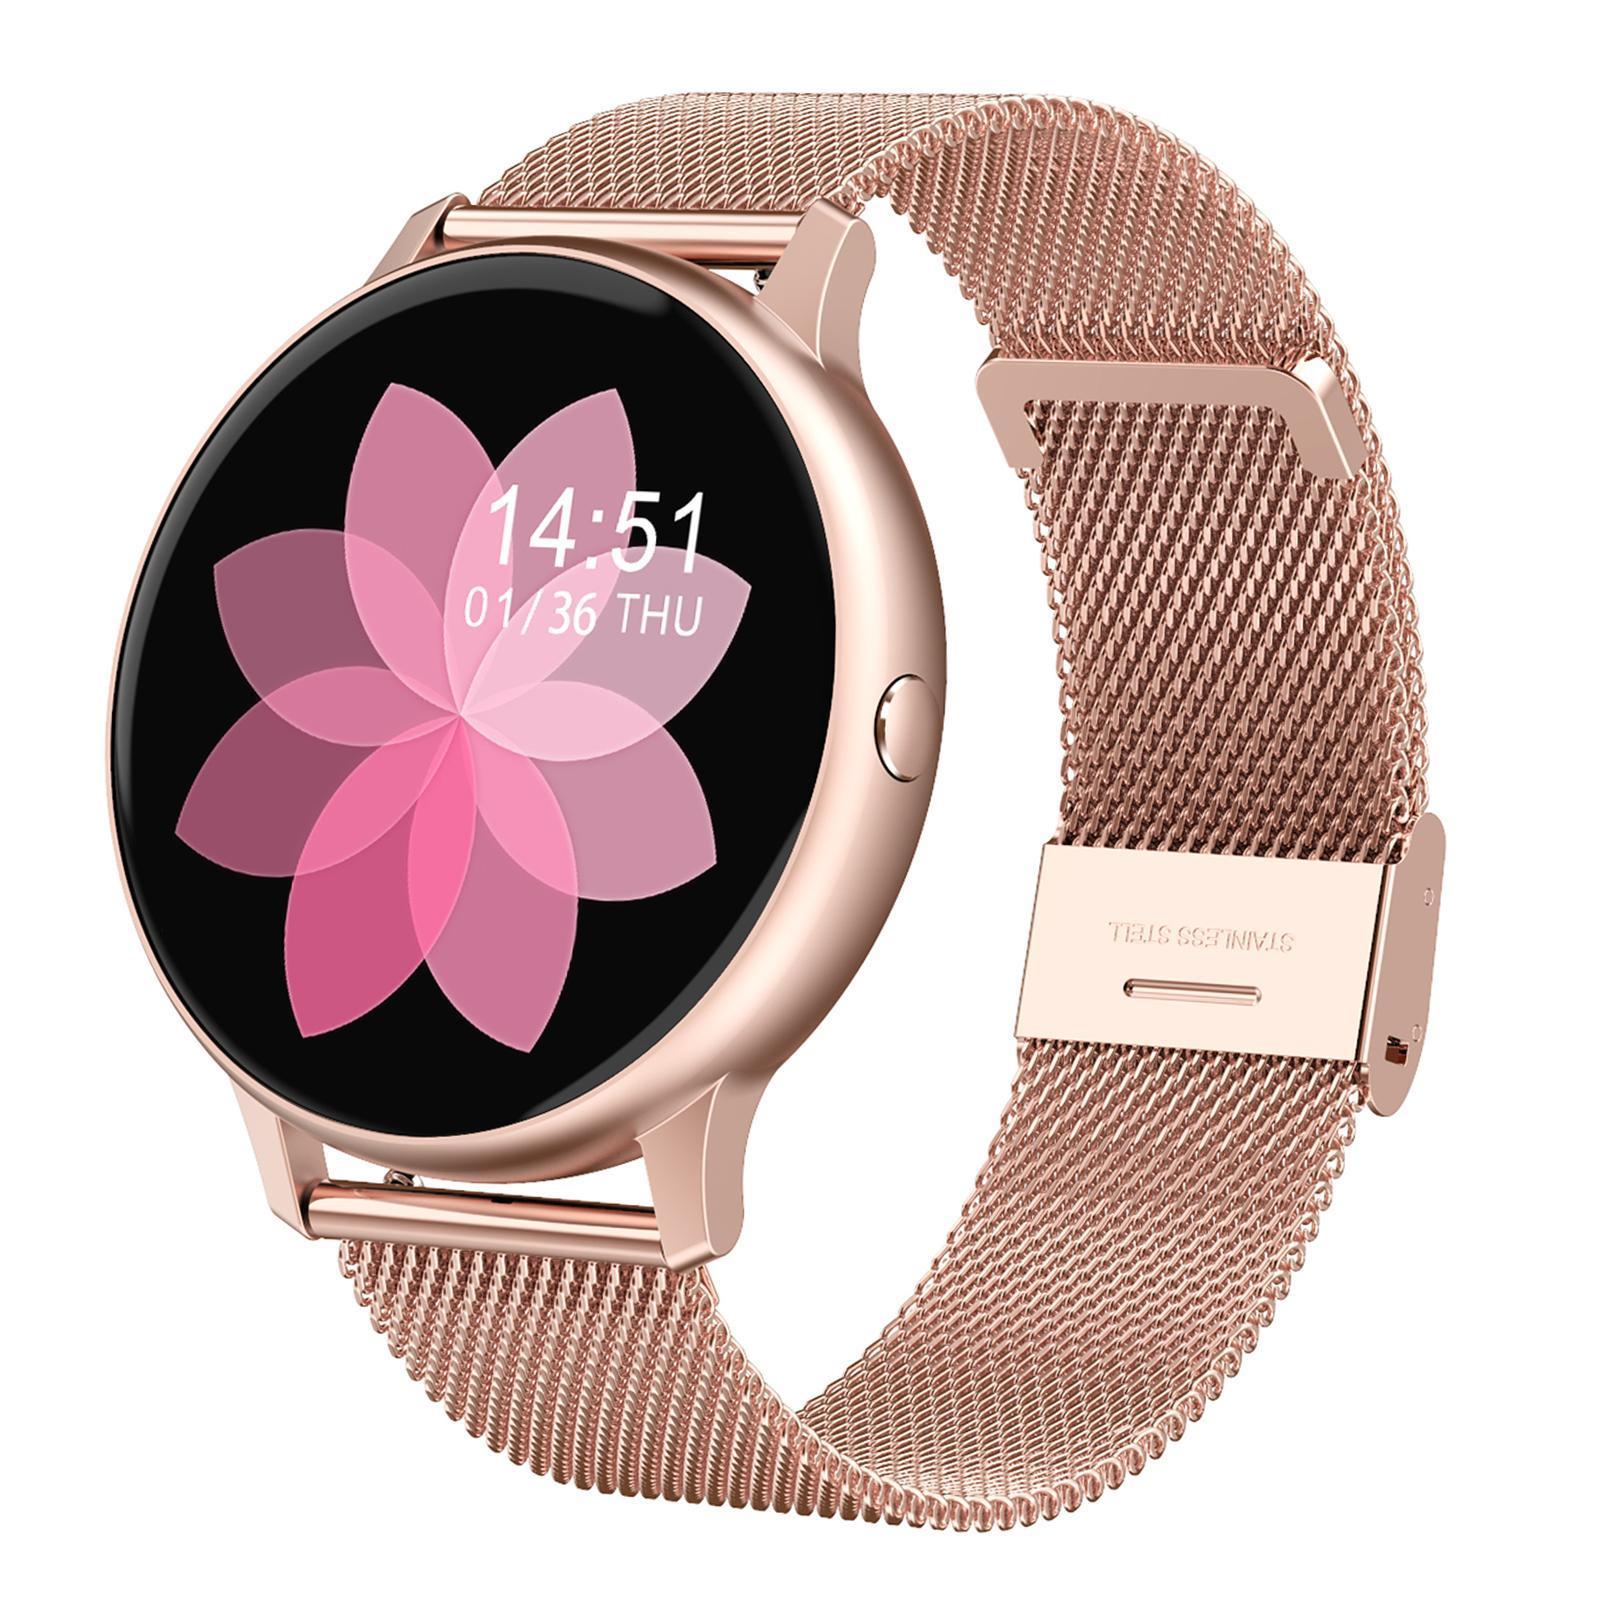 Indexbild 55 - Neue DT88 PRO Smart Uhr Herzfrequenz EKG Monitor Smartwatch für IOS Android